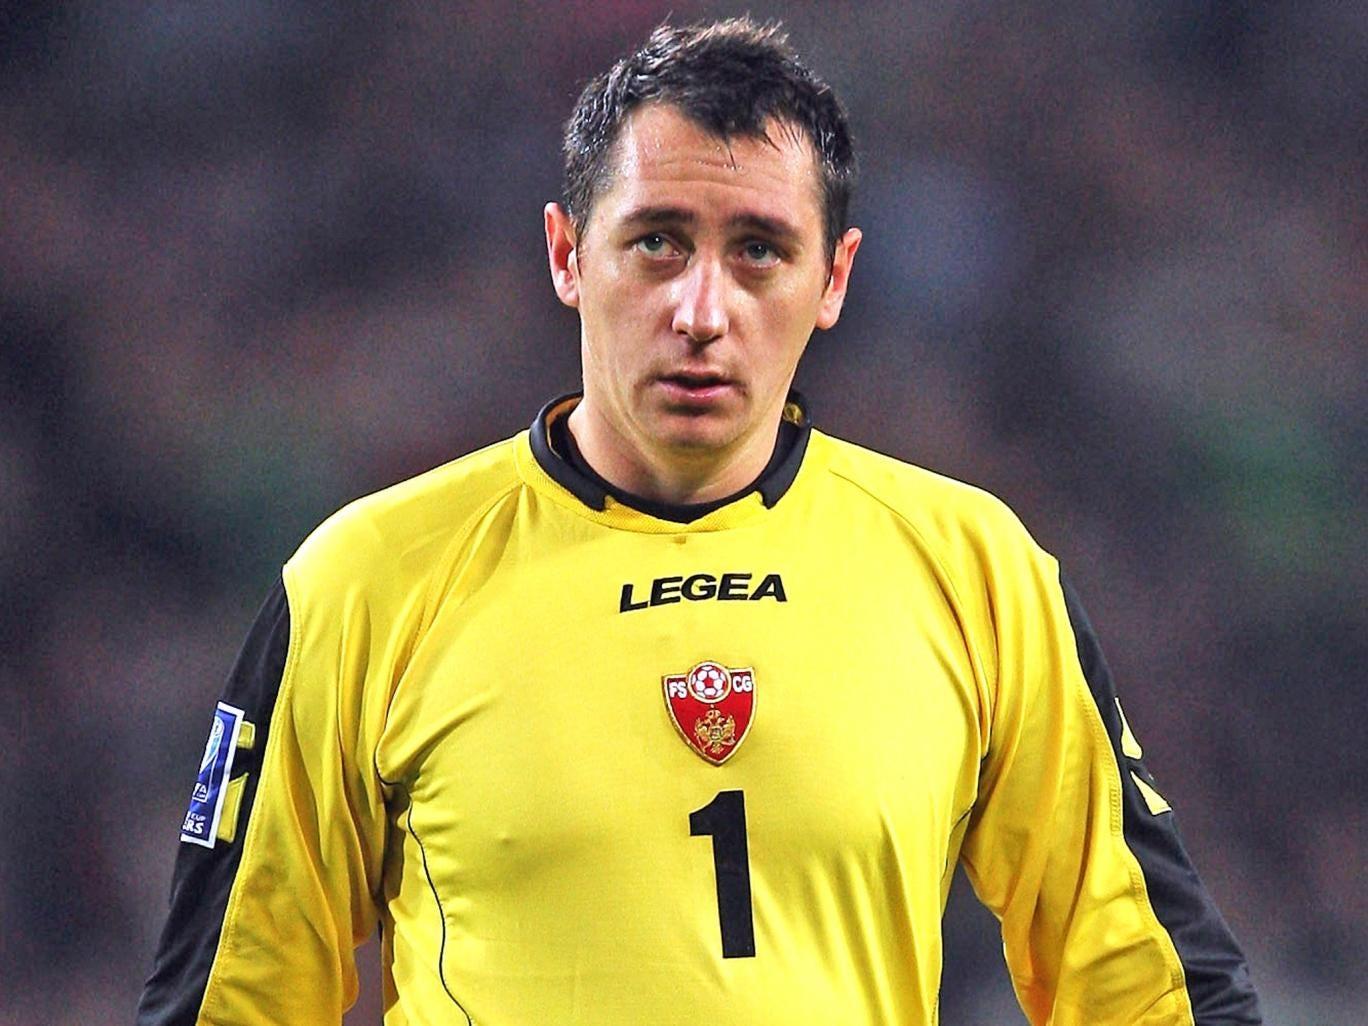 Vukasin Poleksic playing for Montenegro